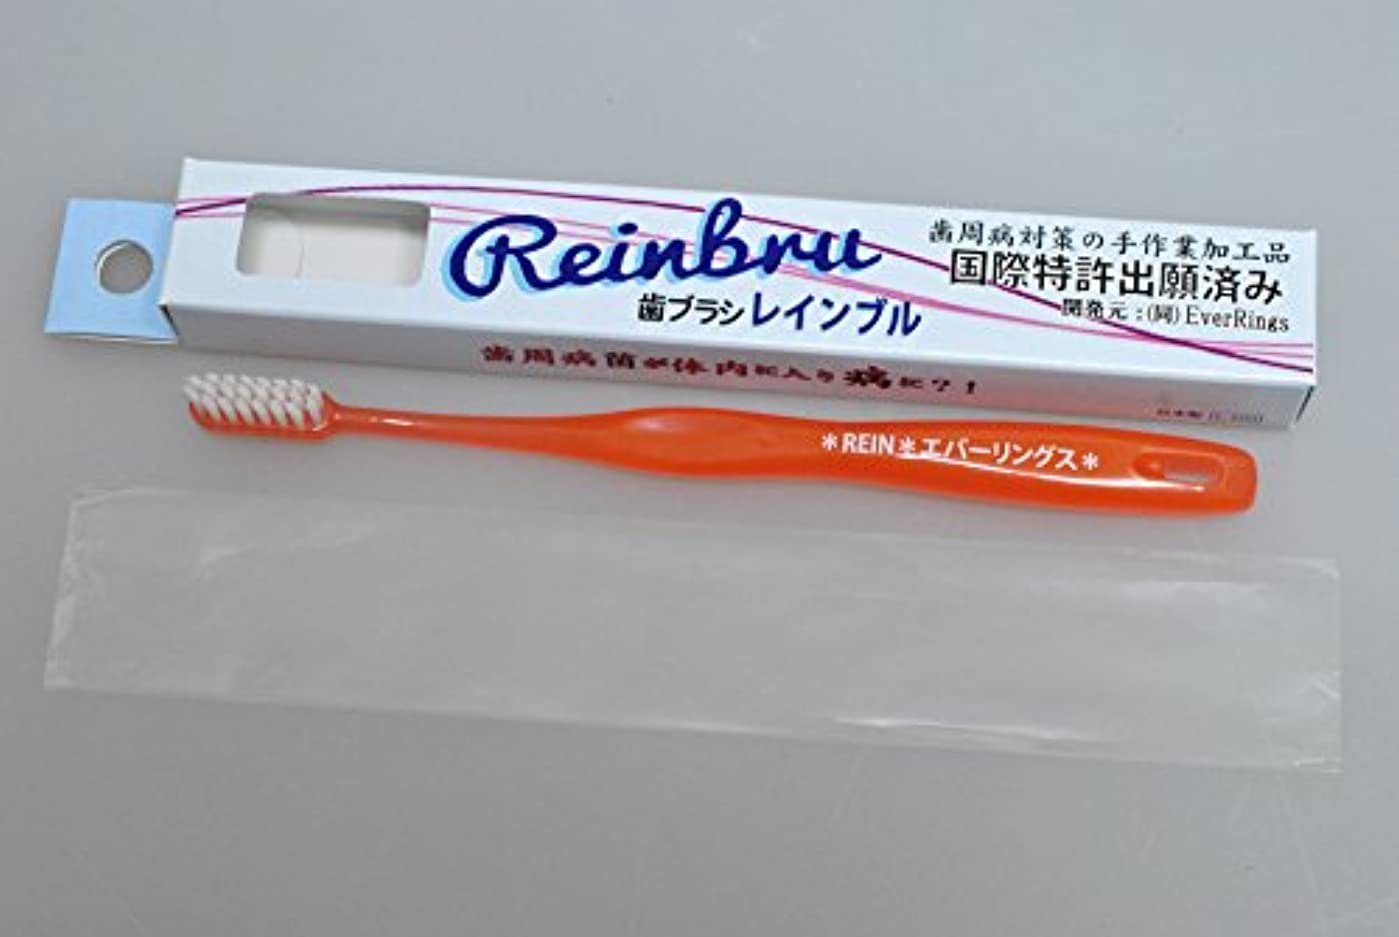 石化する組み込む反論者Reinbru レインブル 歯ブラシ オレンジ色 細型 1本 お試し品 歯周ポケット磨き 歯間磨き